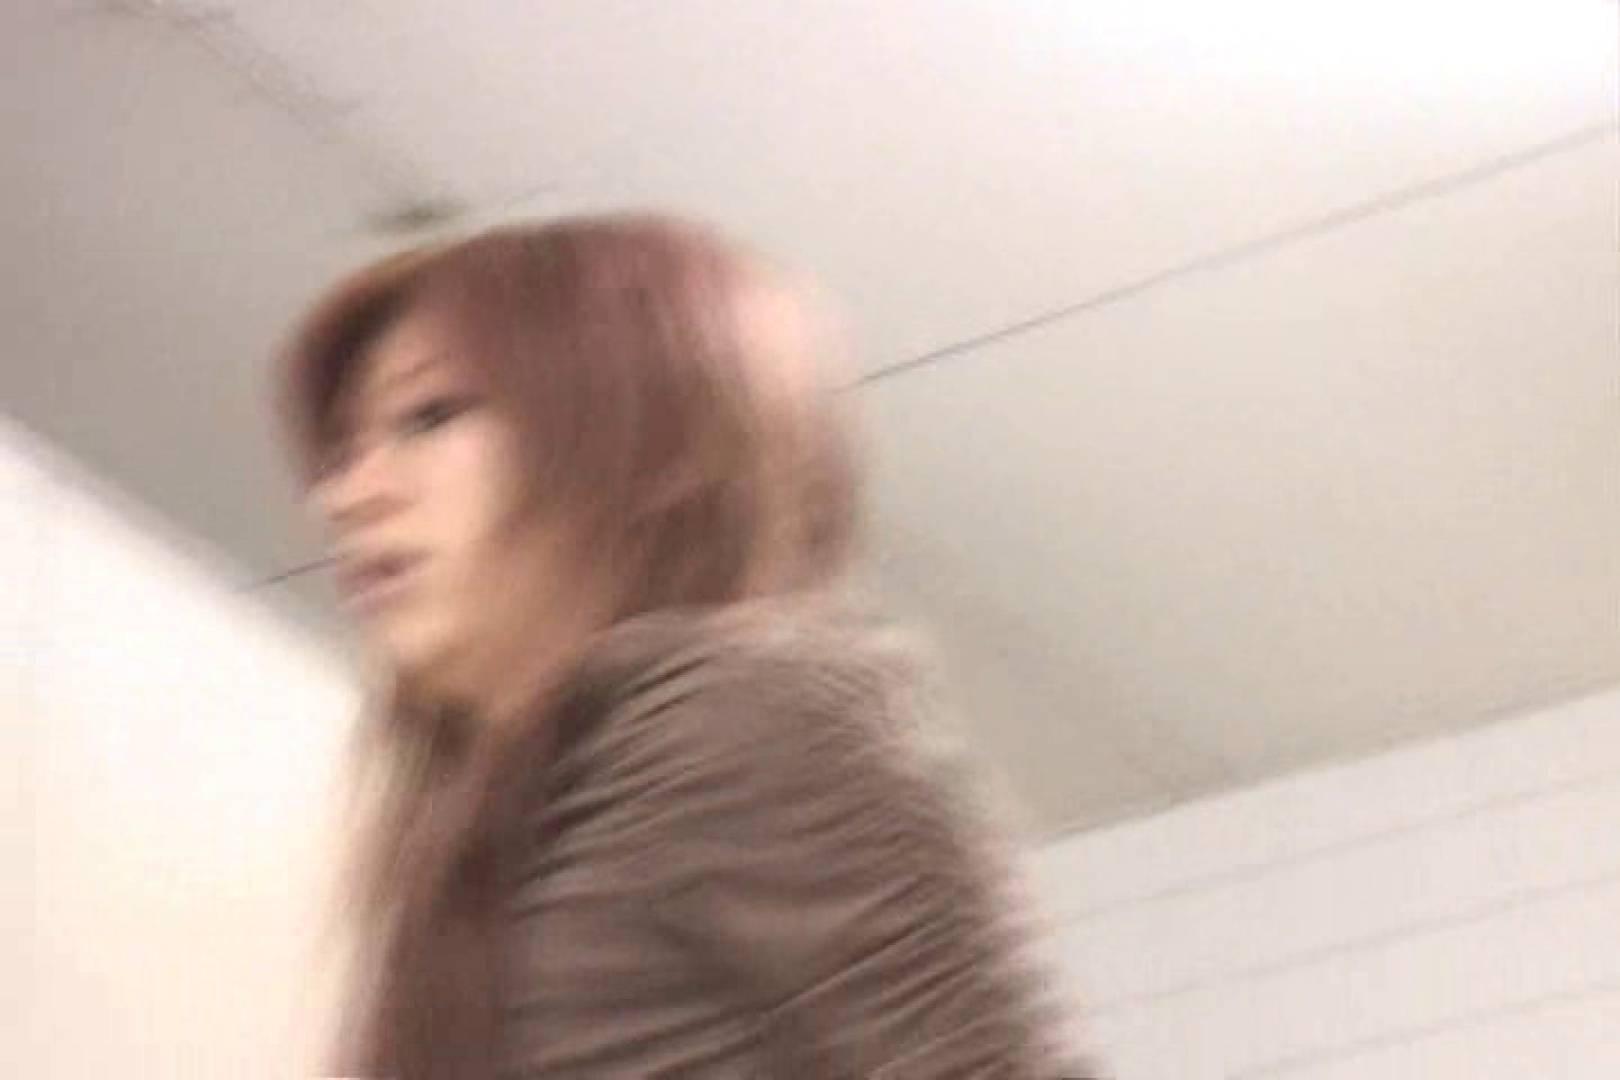 出ちゃう!漏れちゃう!!人妻編Vol.3 洗面所 オメコ動画キャプチャ 108PIX 8